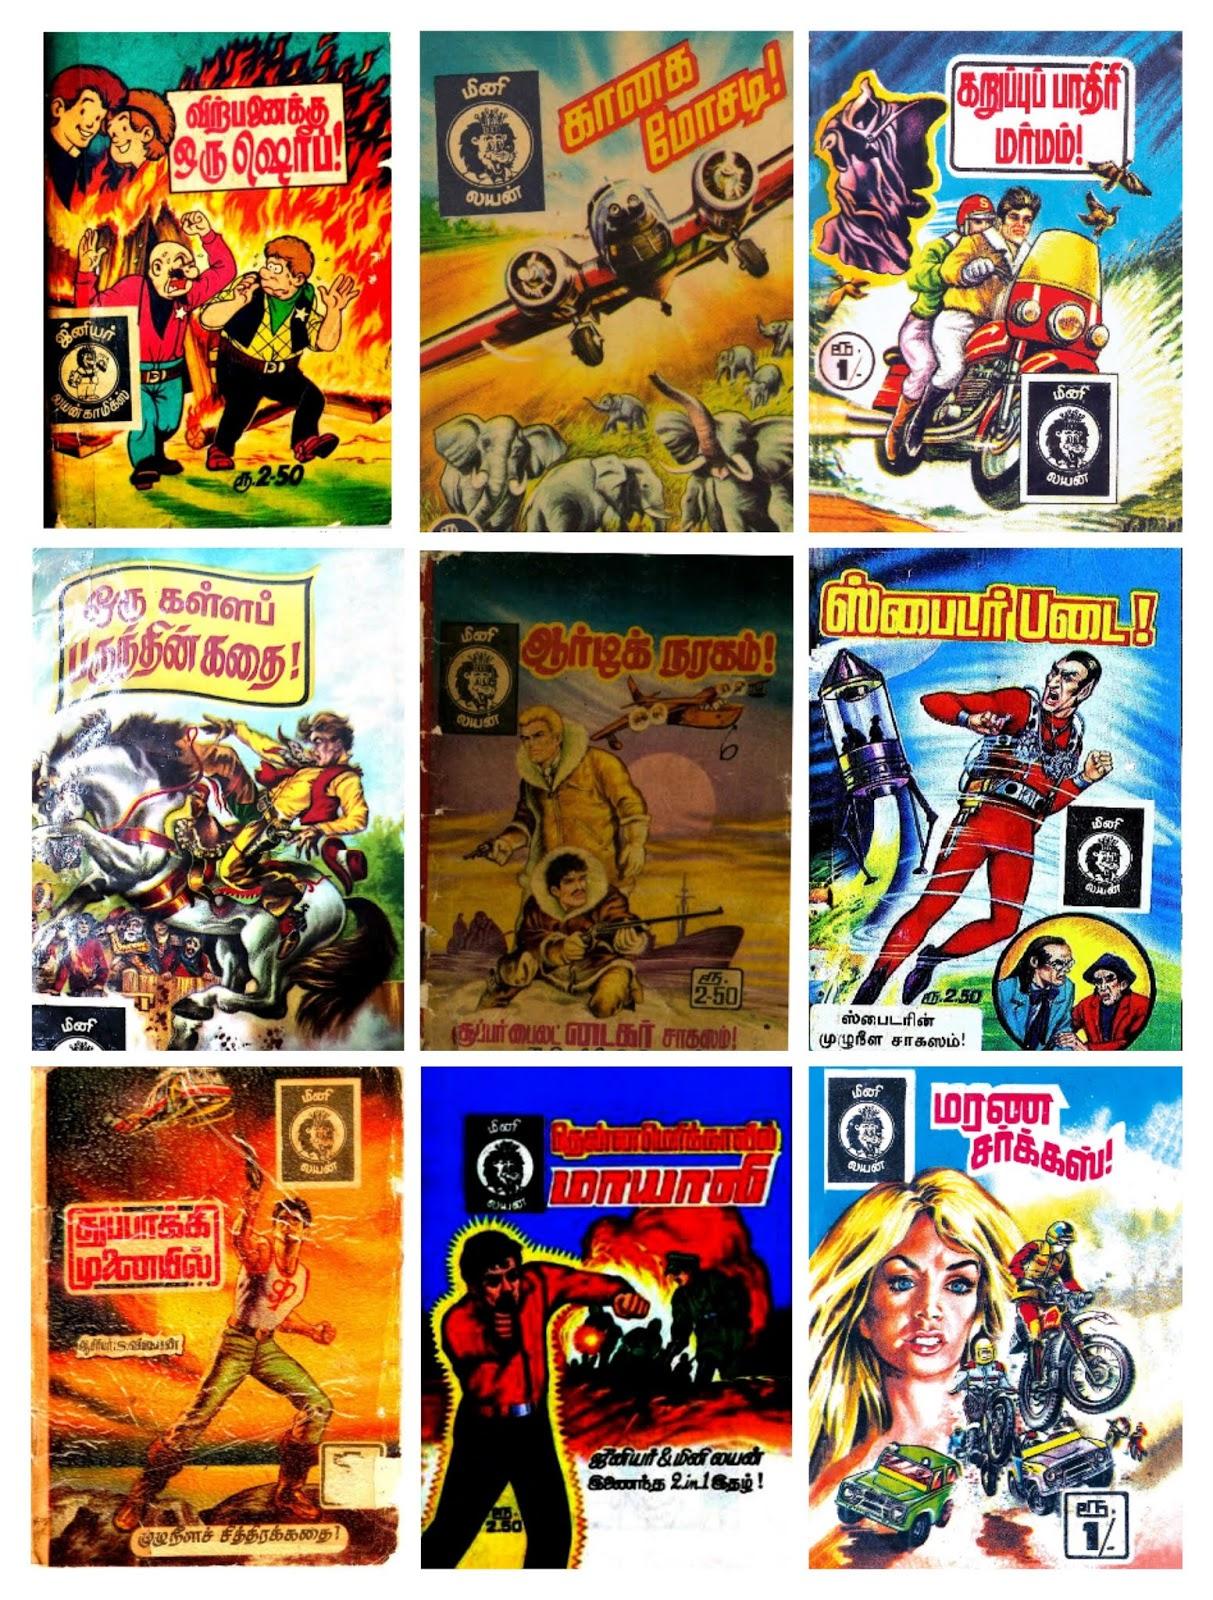 மினி லயன் காமிக்ஸ் | Mini Lion Comics Free Download IMG_20200411_172715